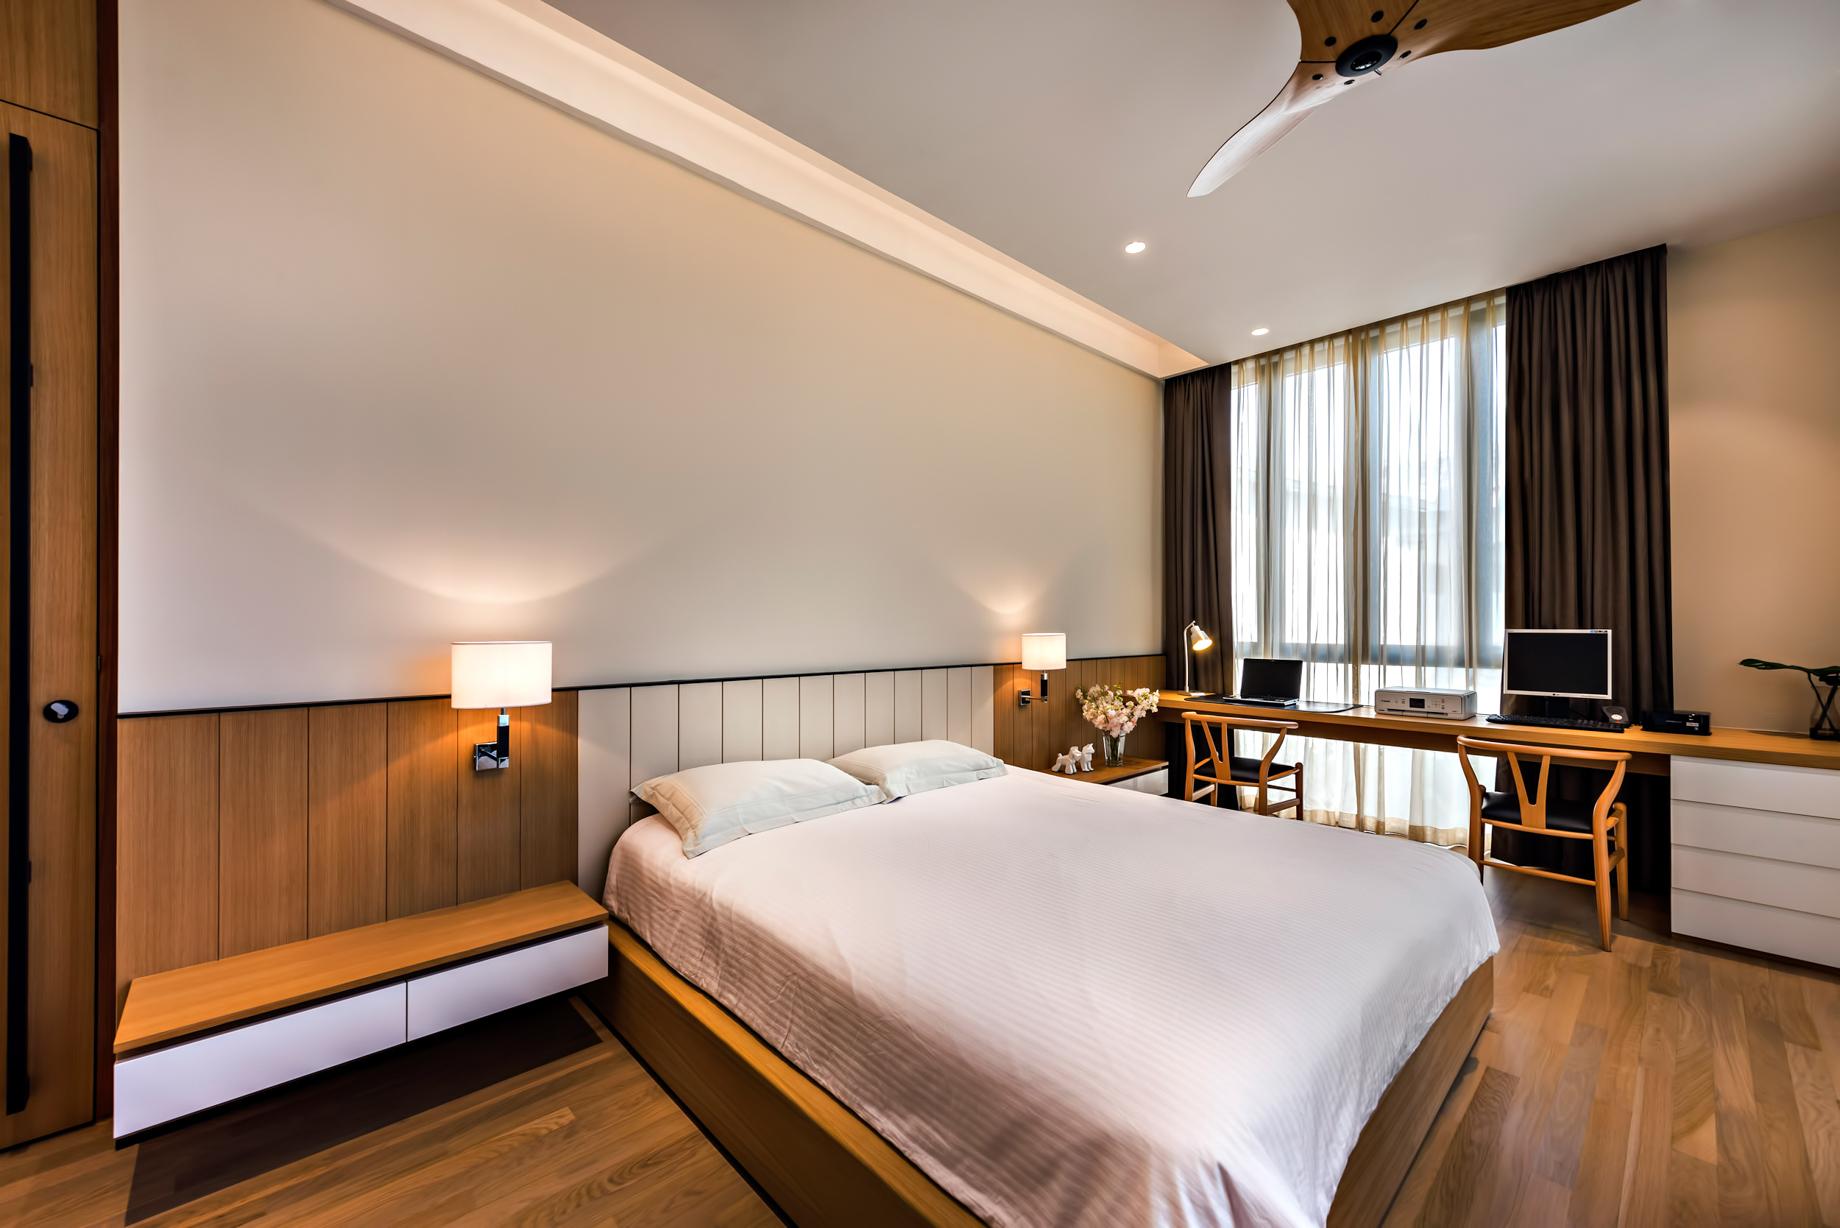 The Loft House Luxury Residence - Namly Place, Singapore